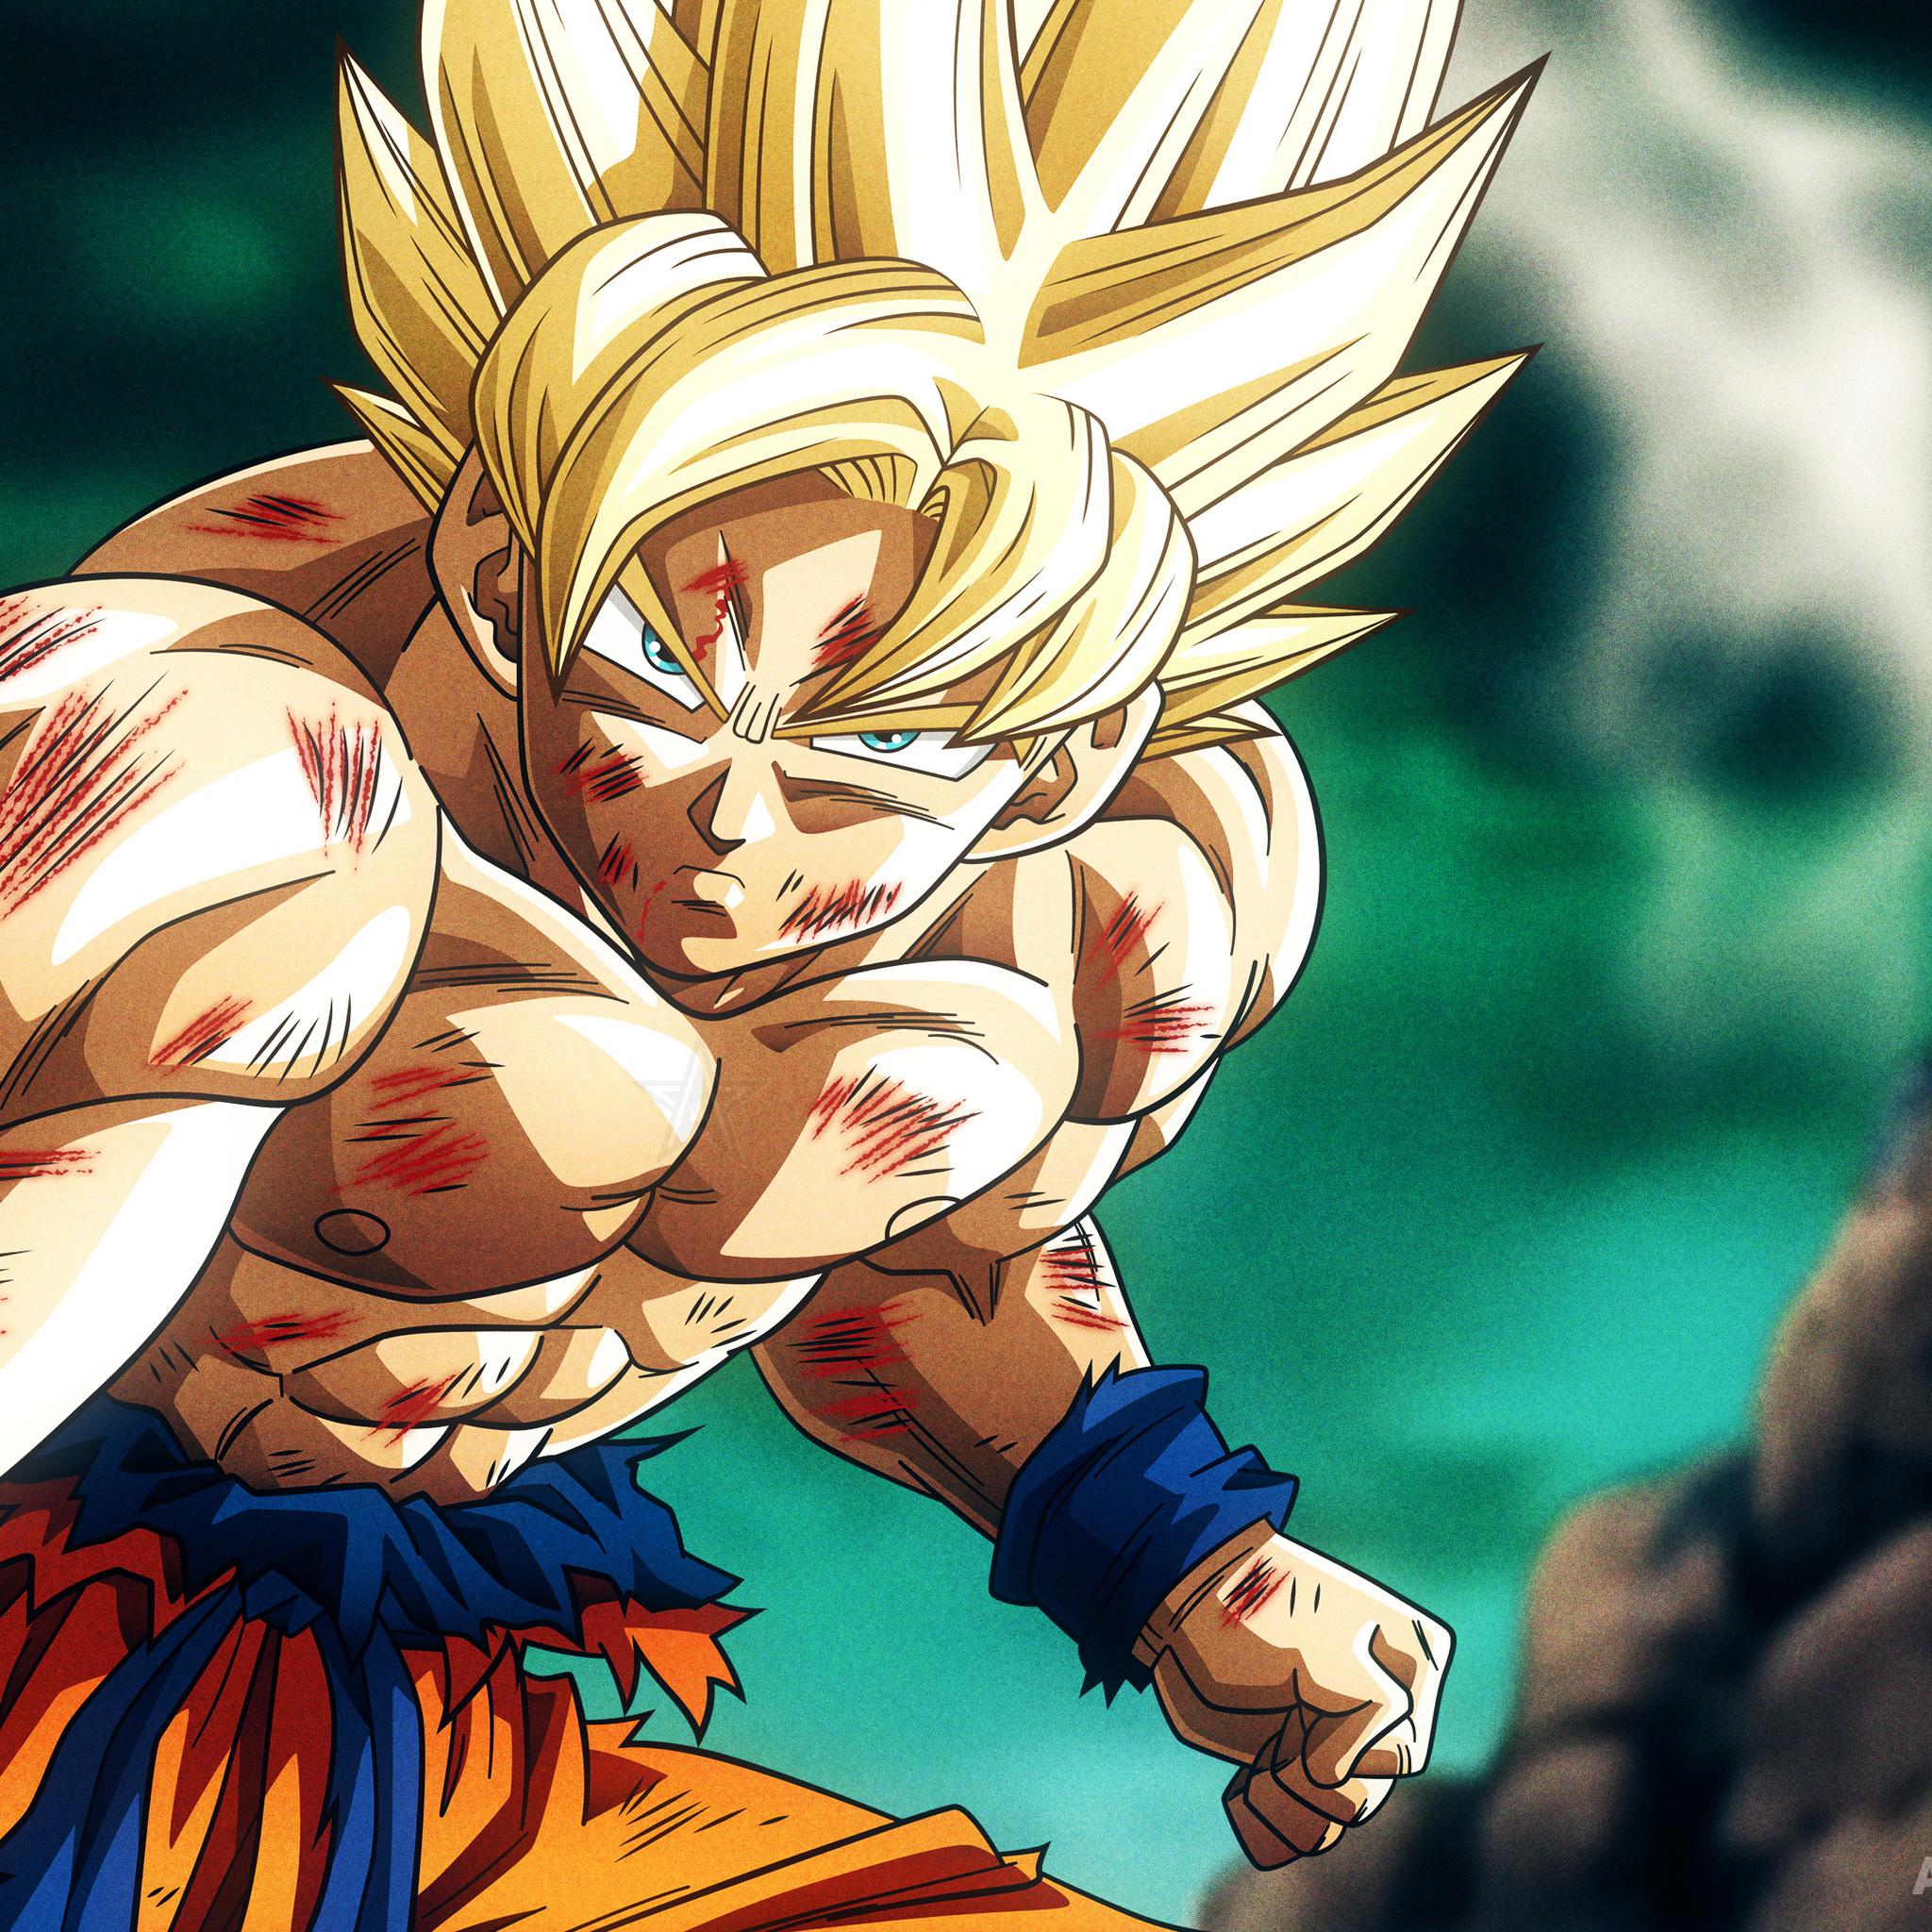 2048x2048 Super Saiyan Son Goku Dragon Ball Z 4k Ipad Air